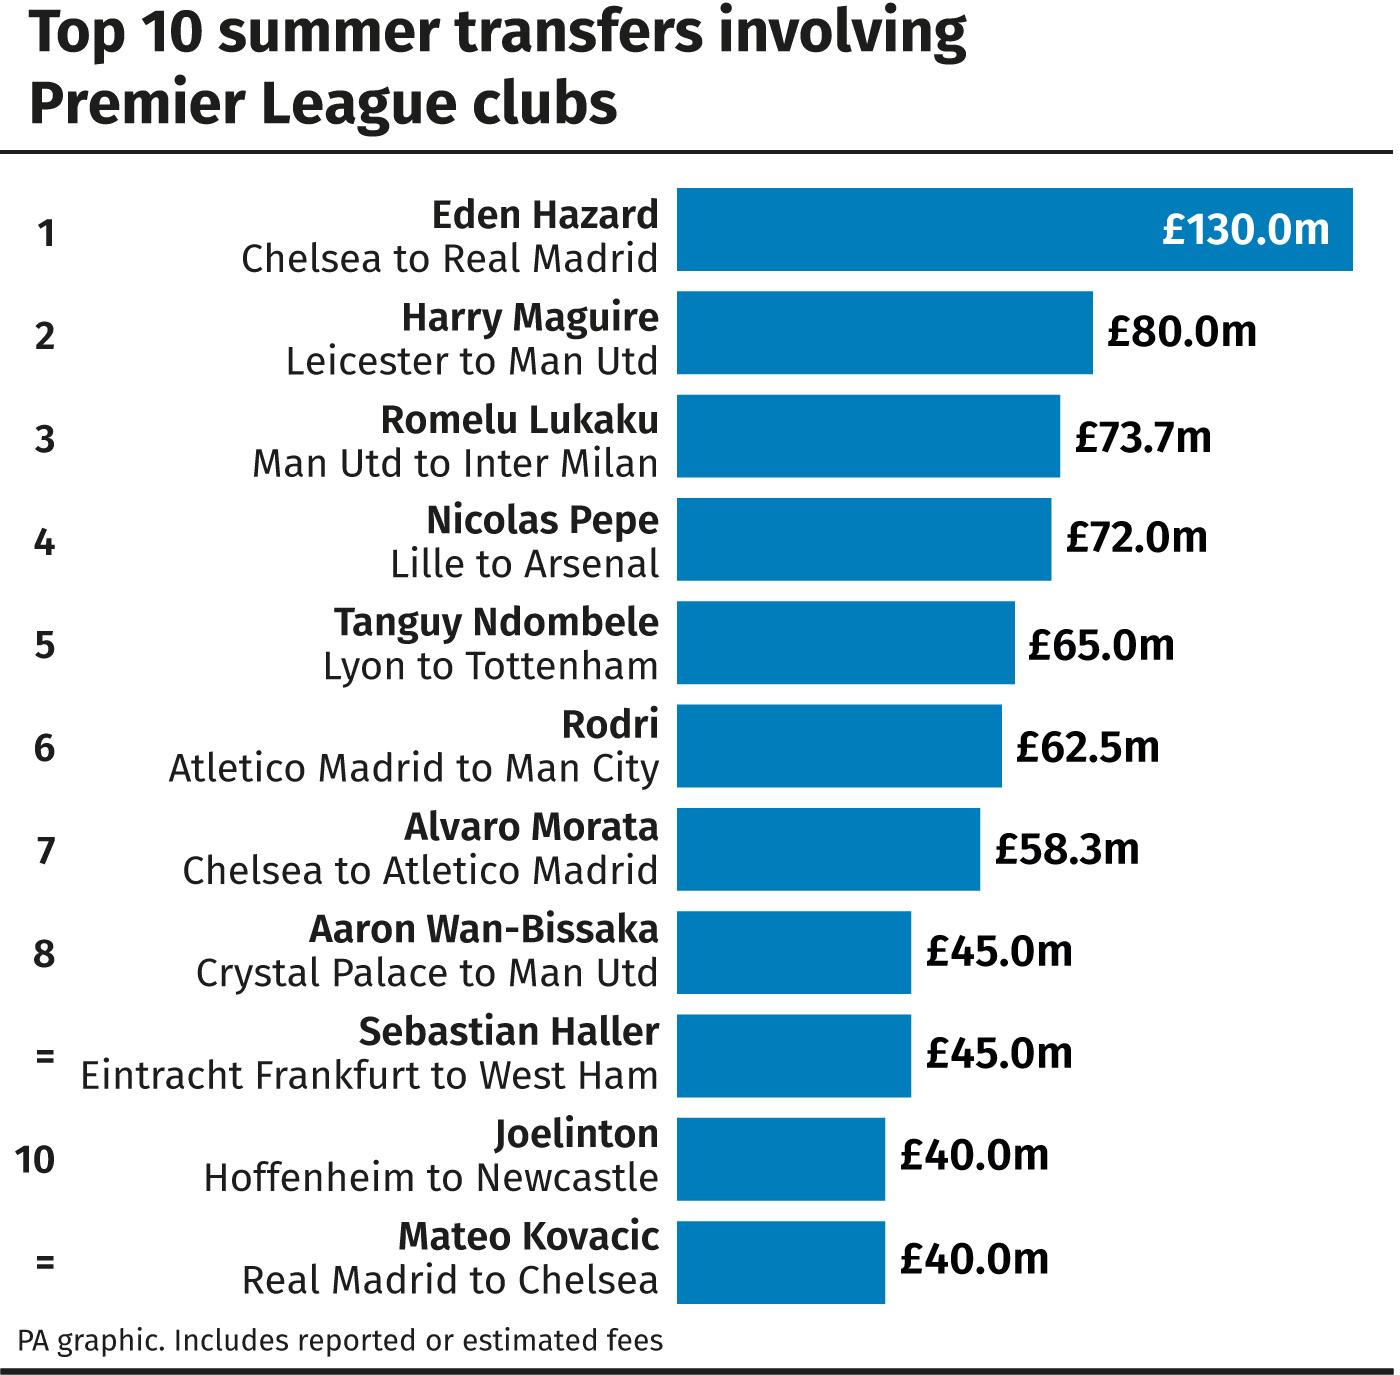 Premier League: Top 10 summer transfers